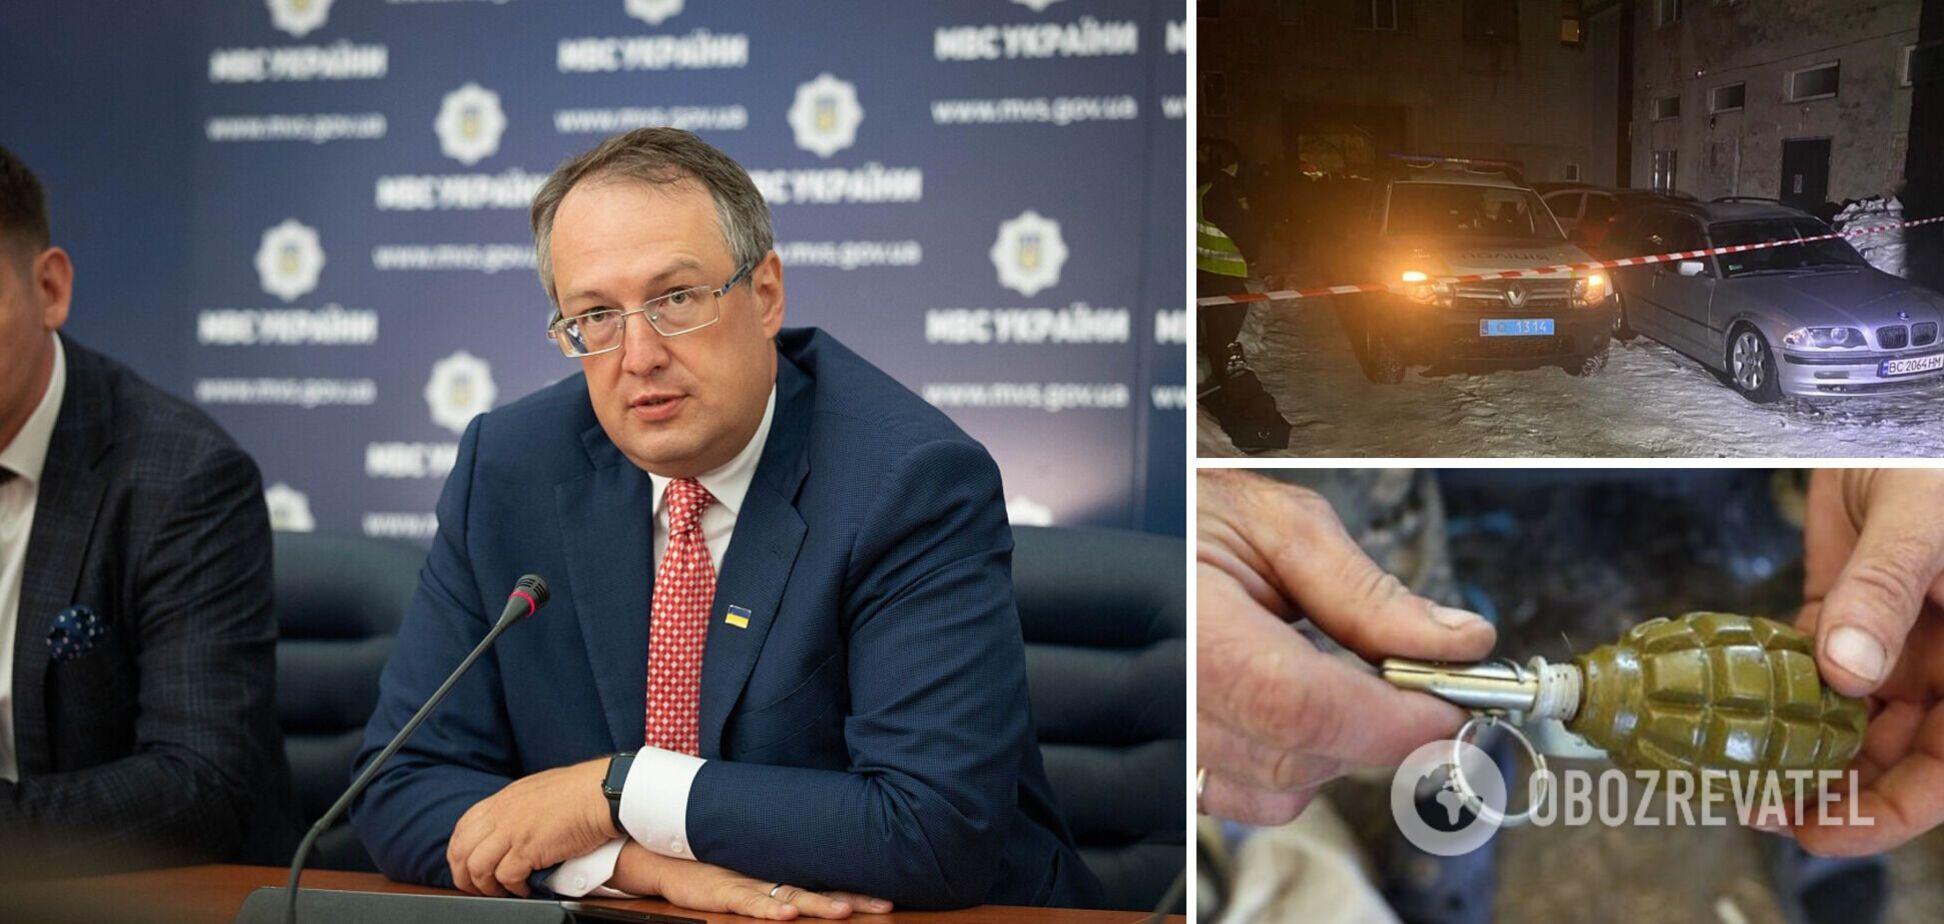 Взрыв в Дрогобыче: Геращенко призвал командиров навести порядок в своих частях